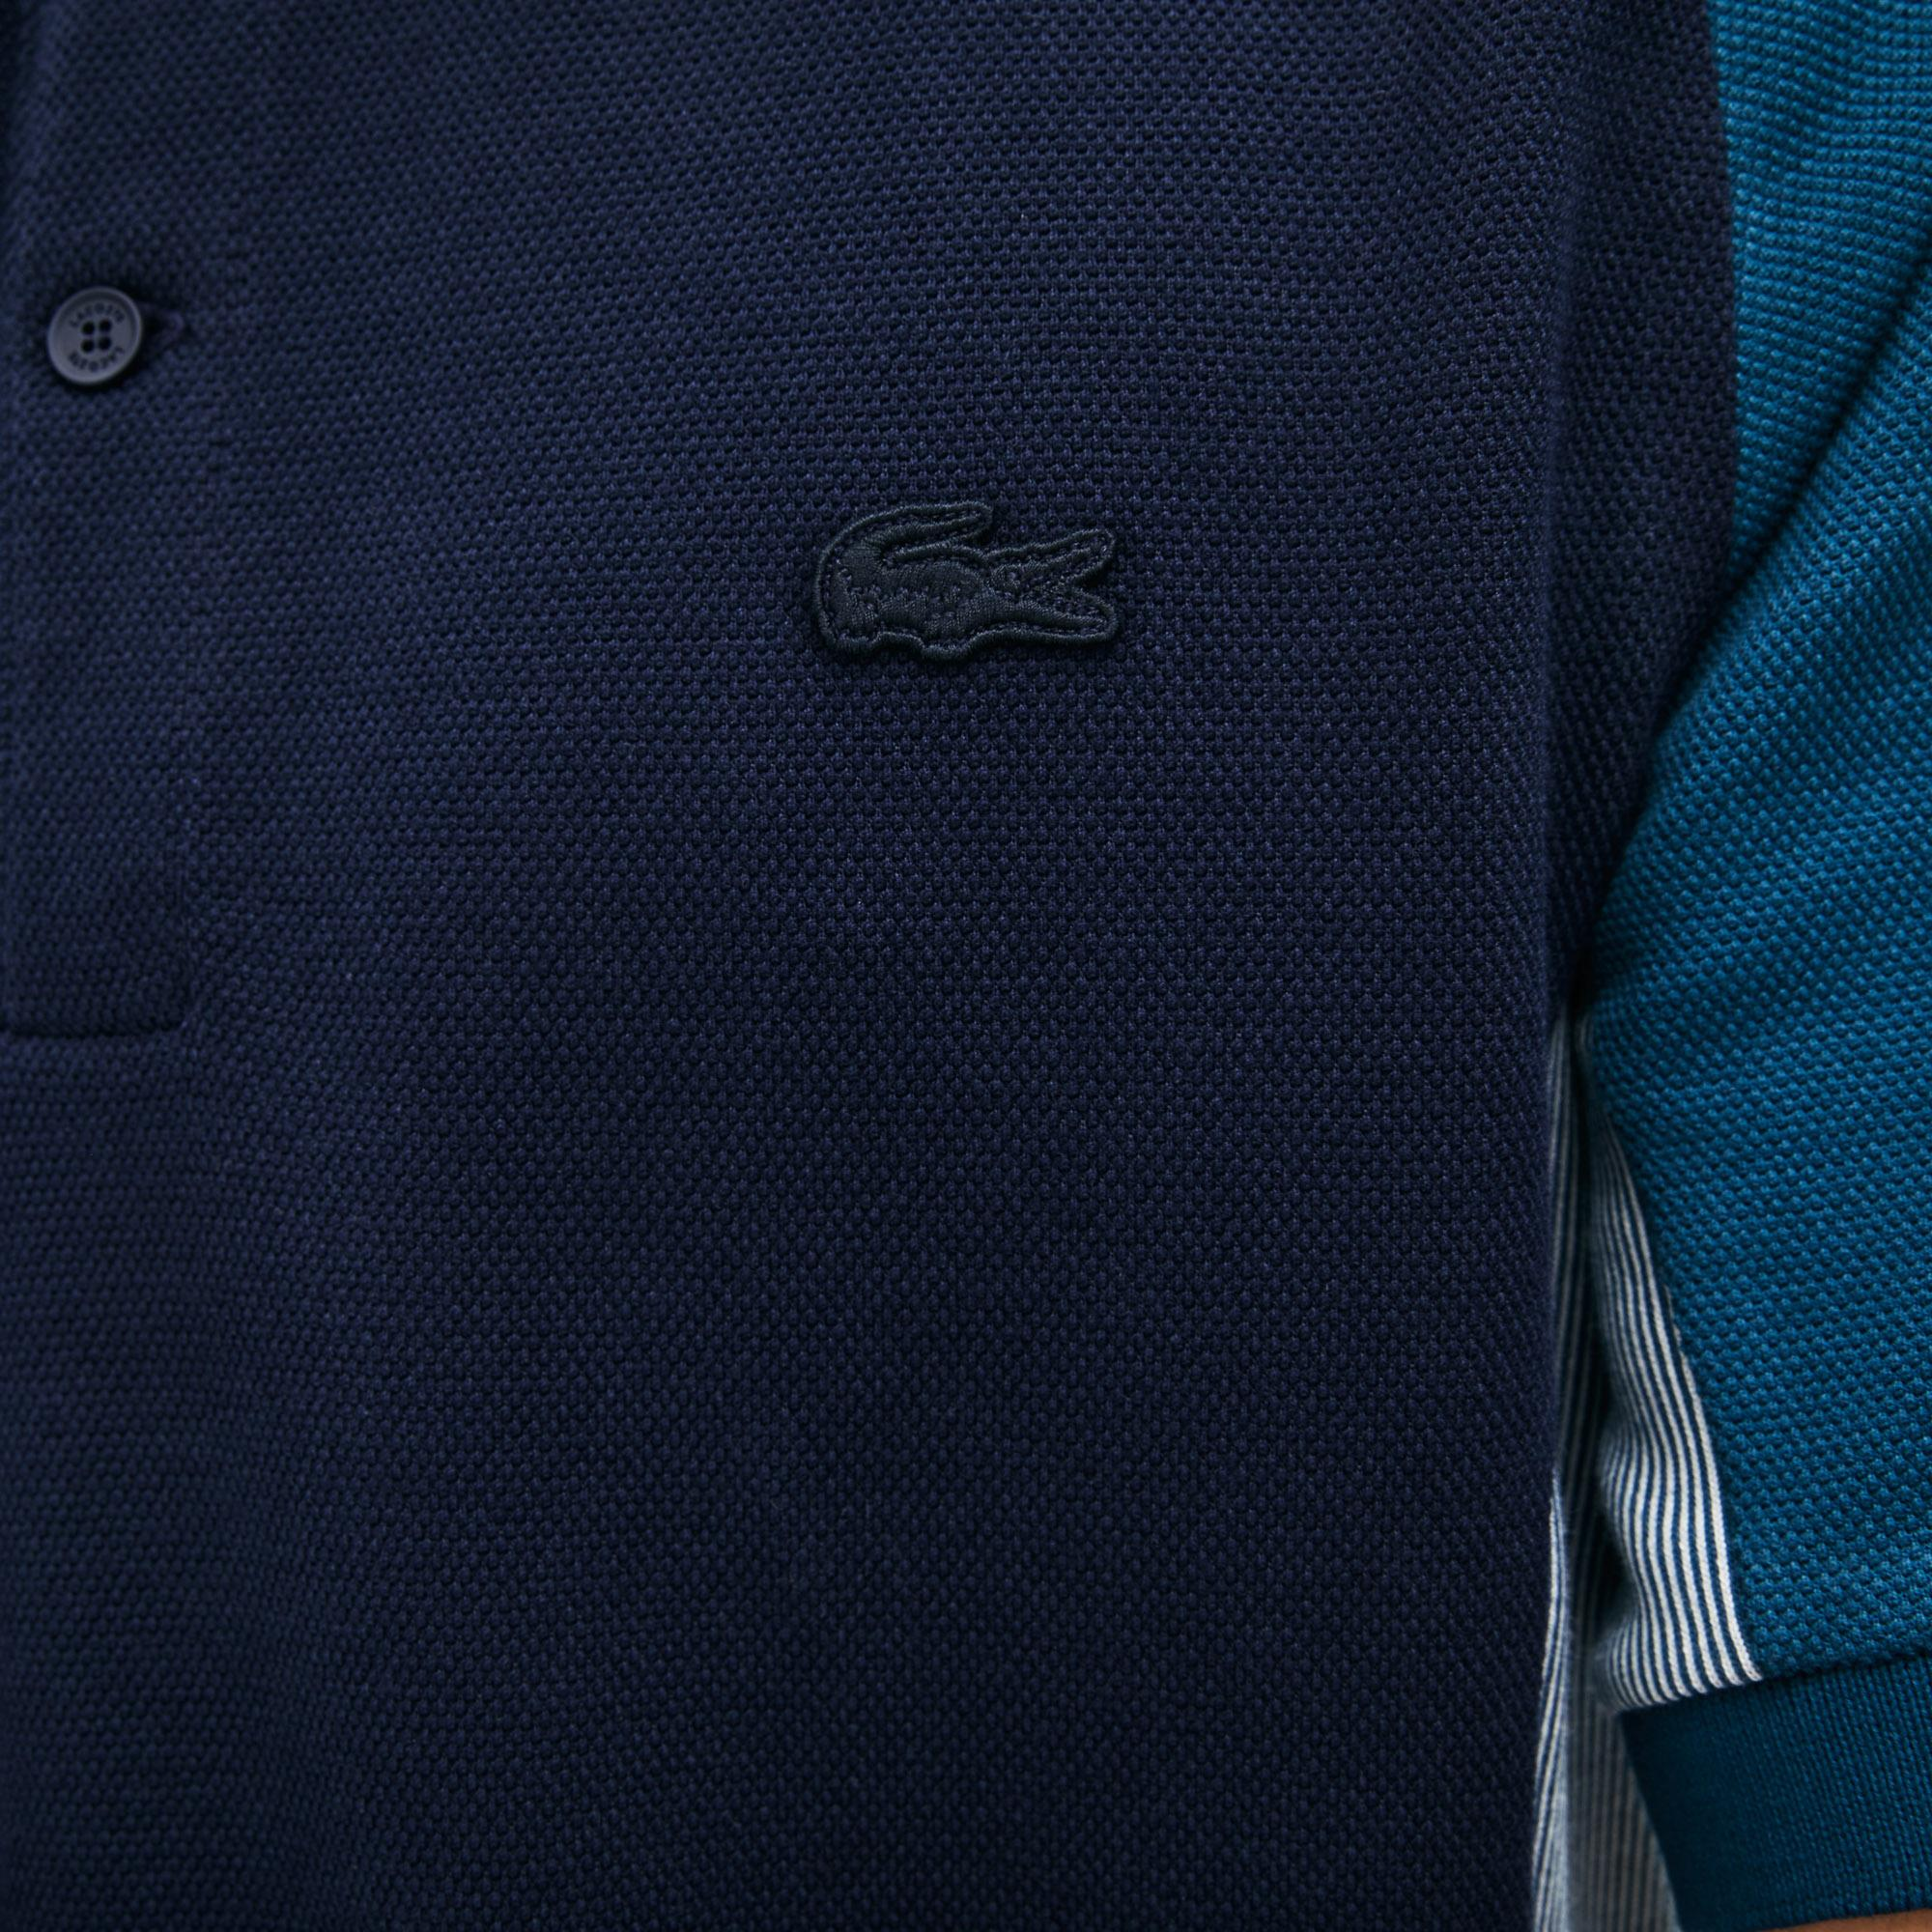 Lacoste Men's Colourblock Piqué Polo